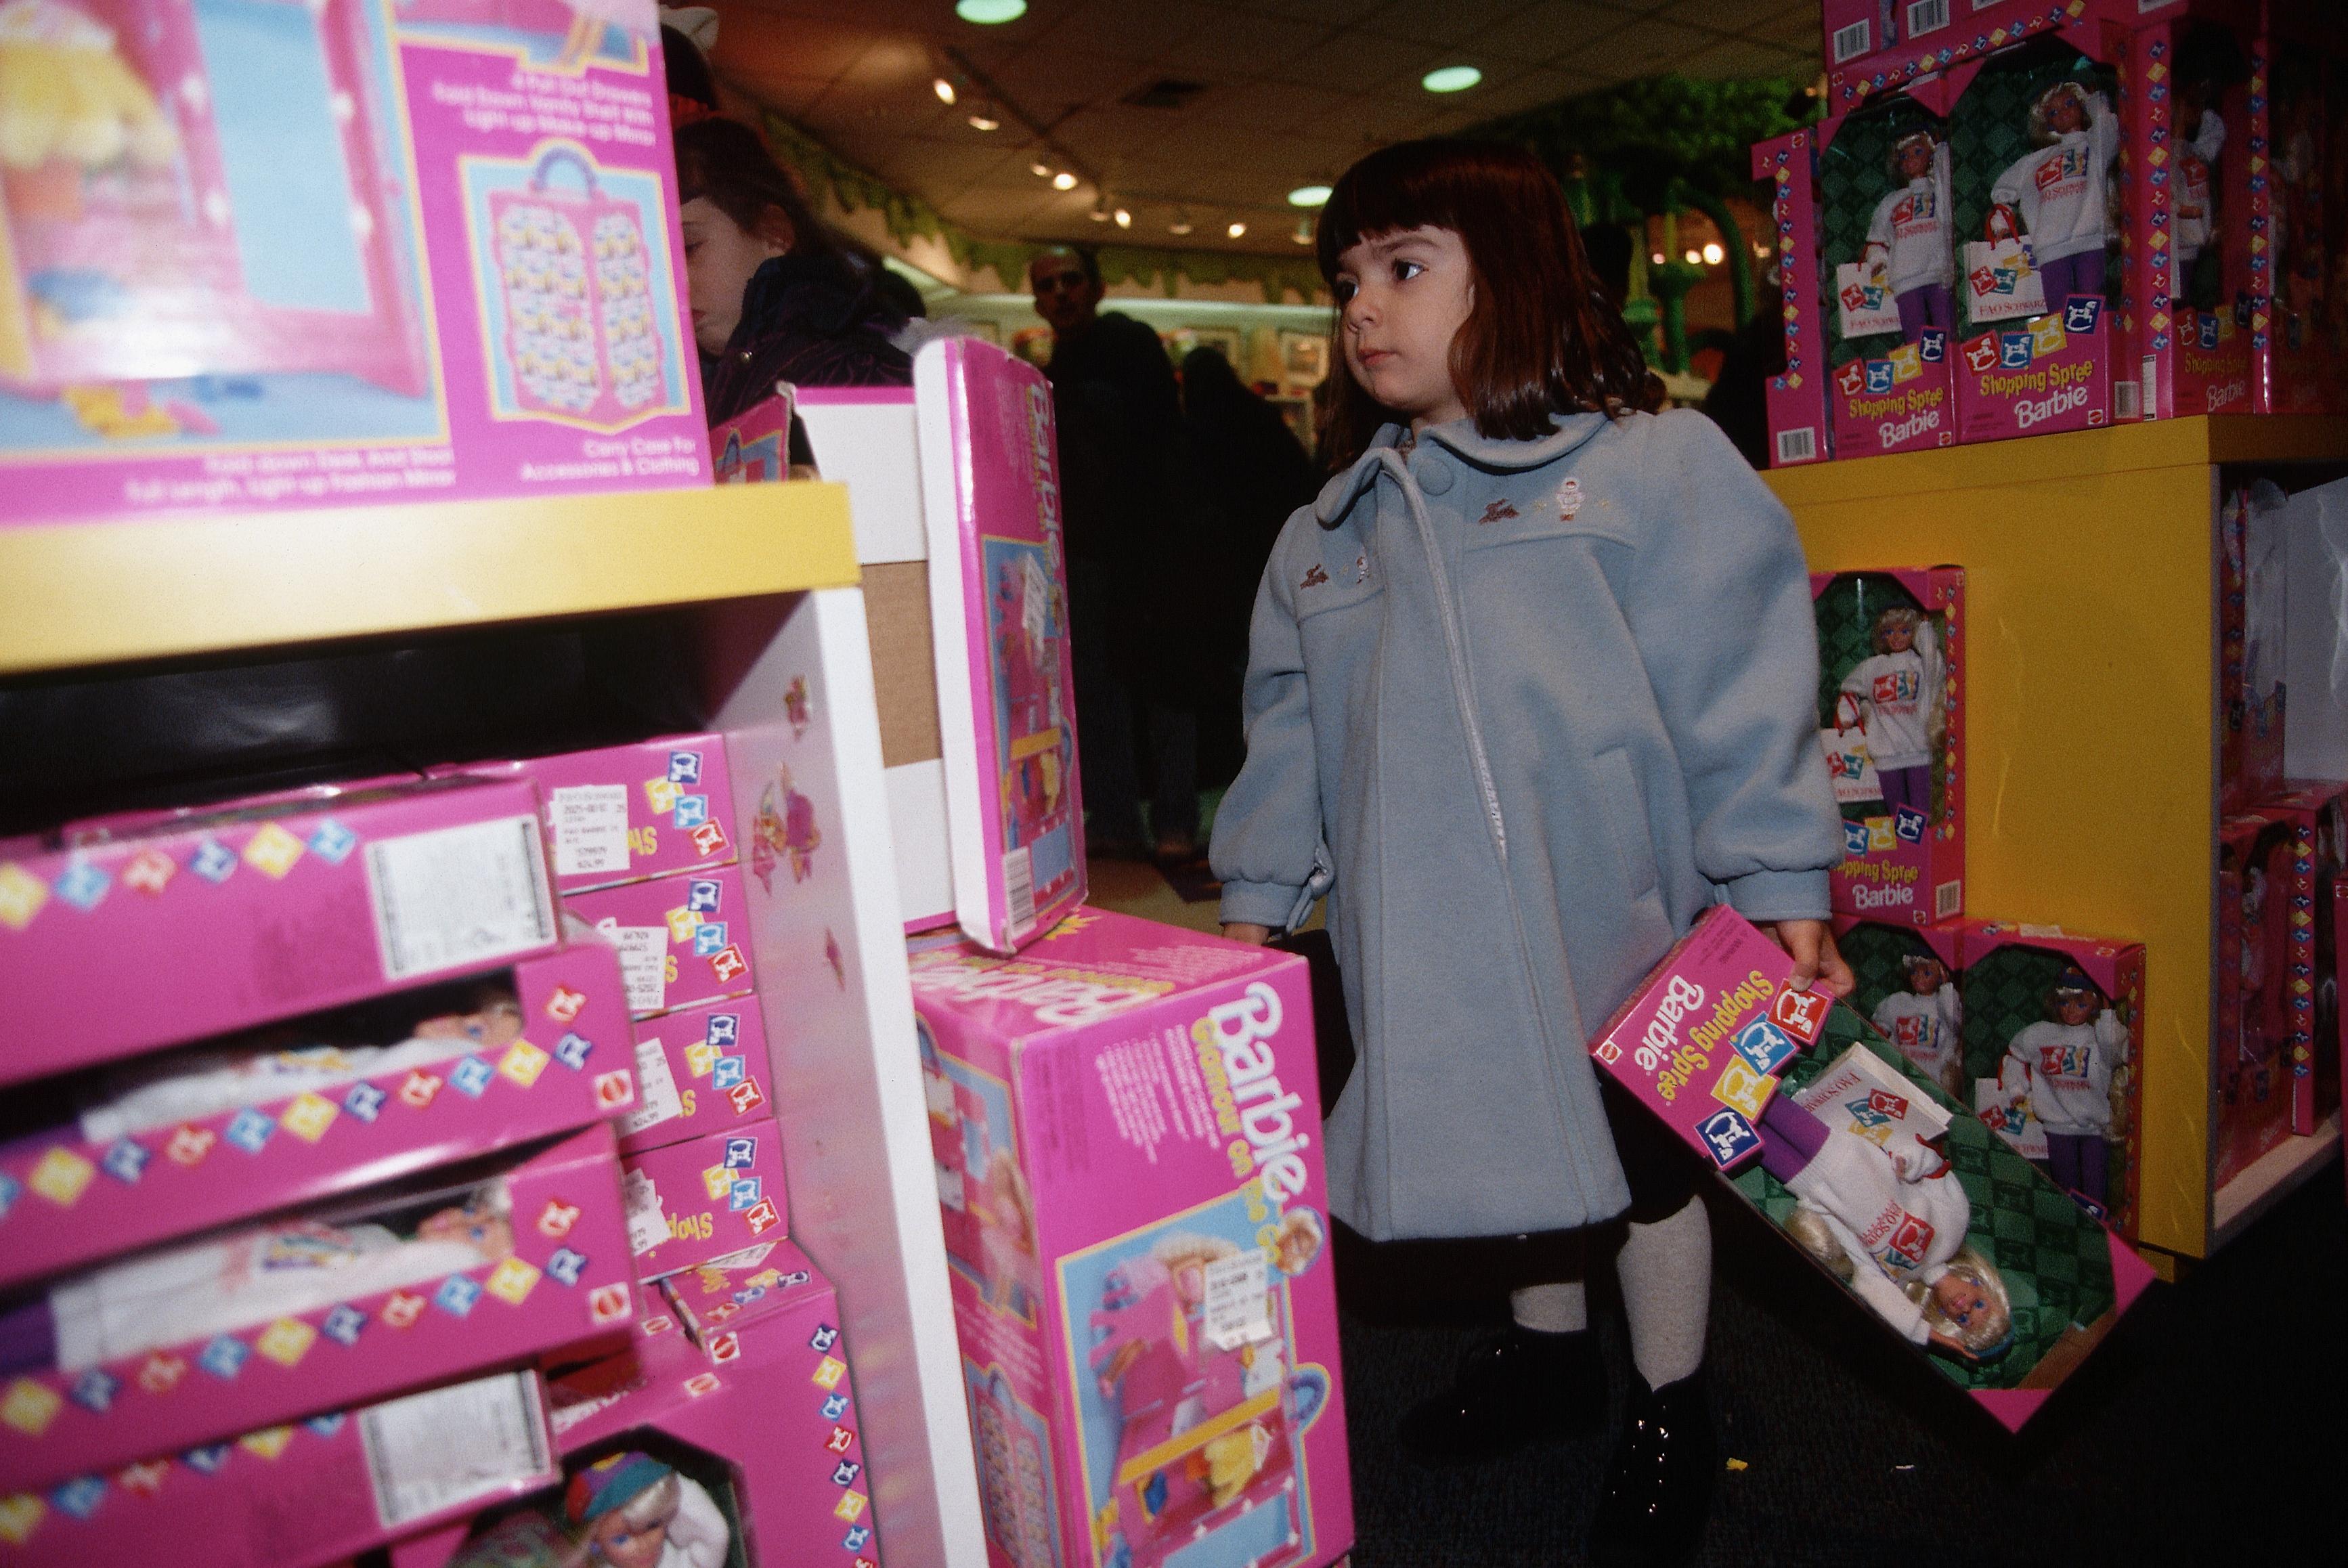 Nostalgie: 17 x barbiepoppen waar elk nineties kind ooit mee gespeeld heeft